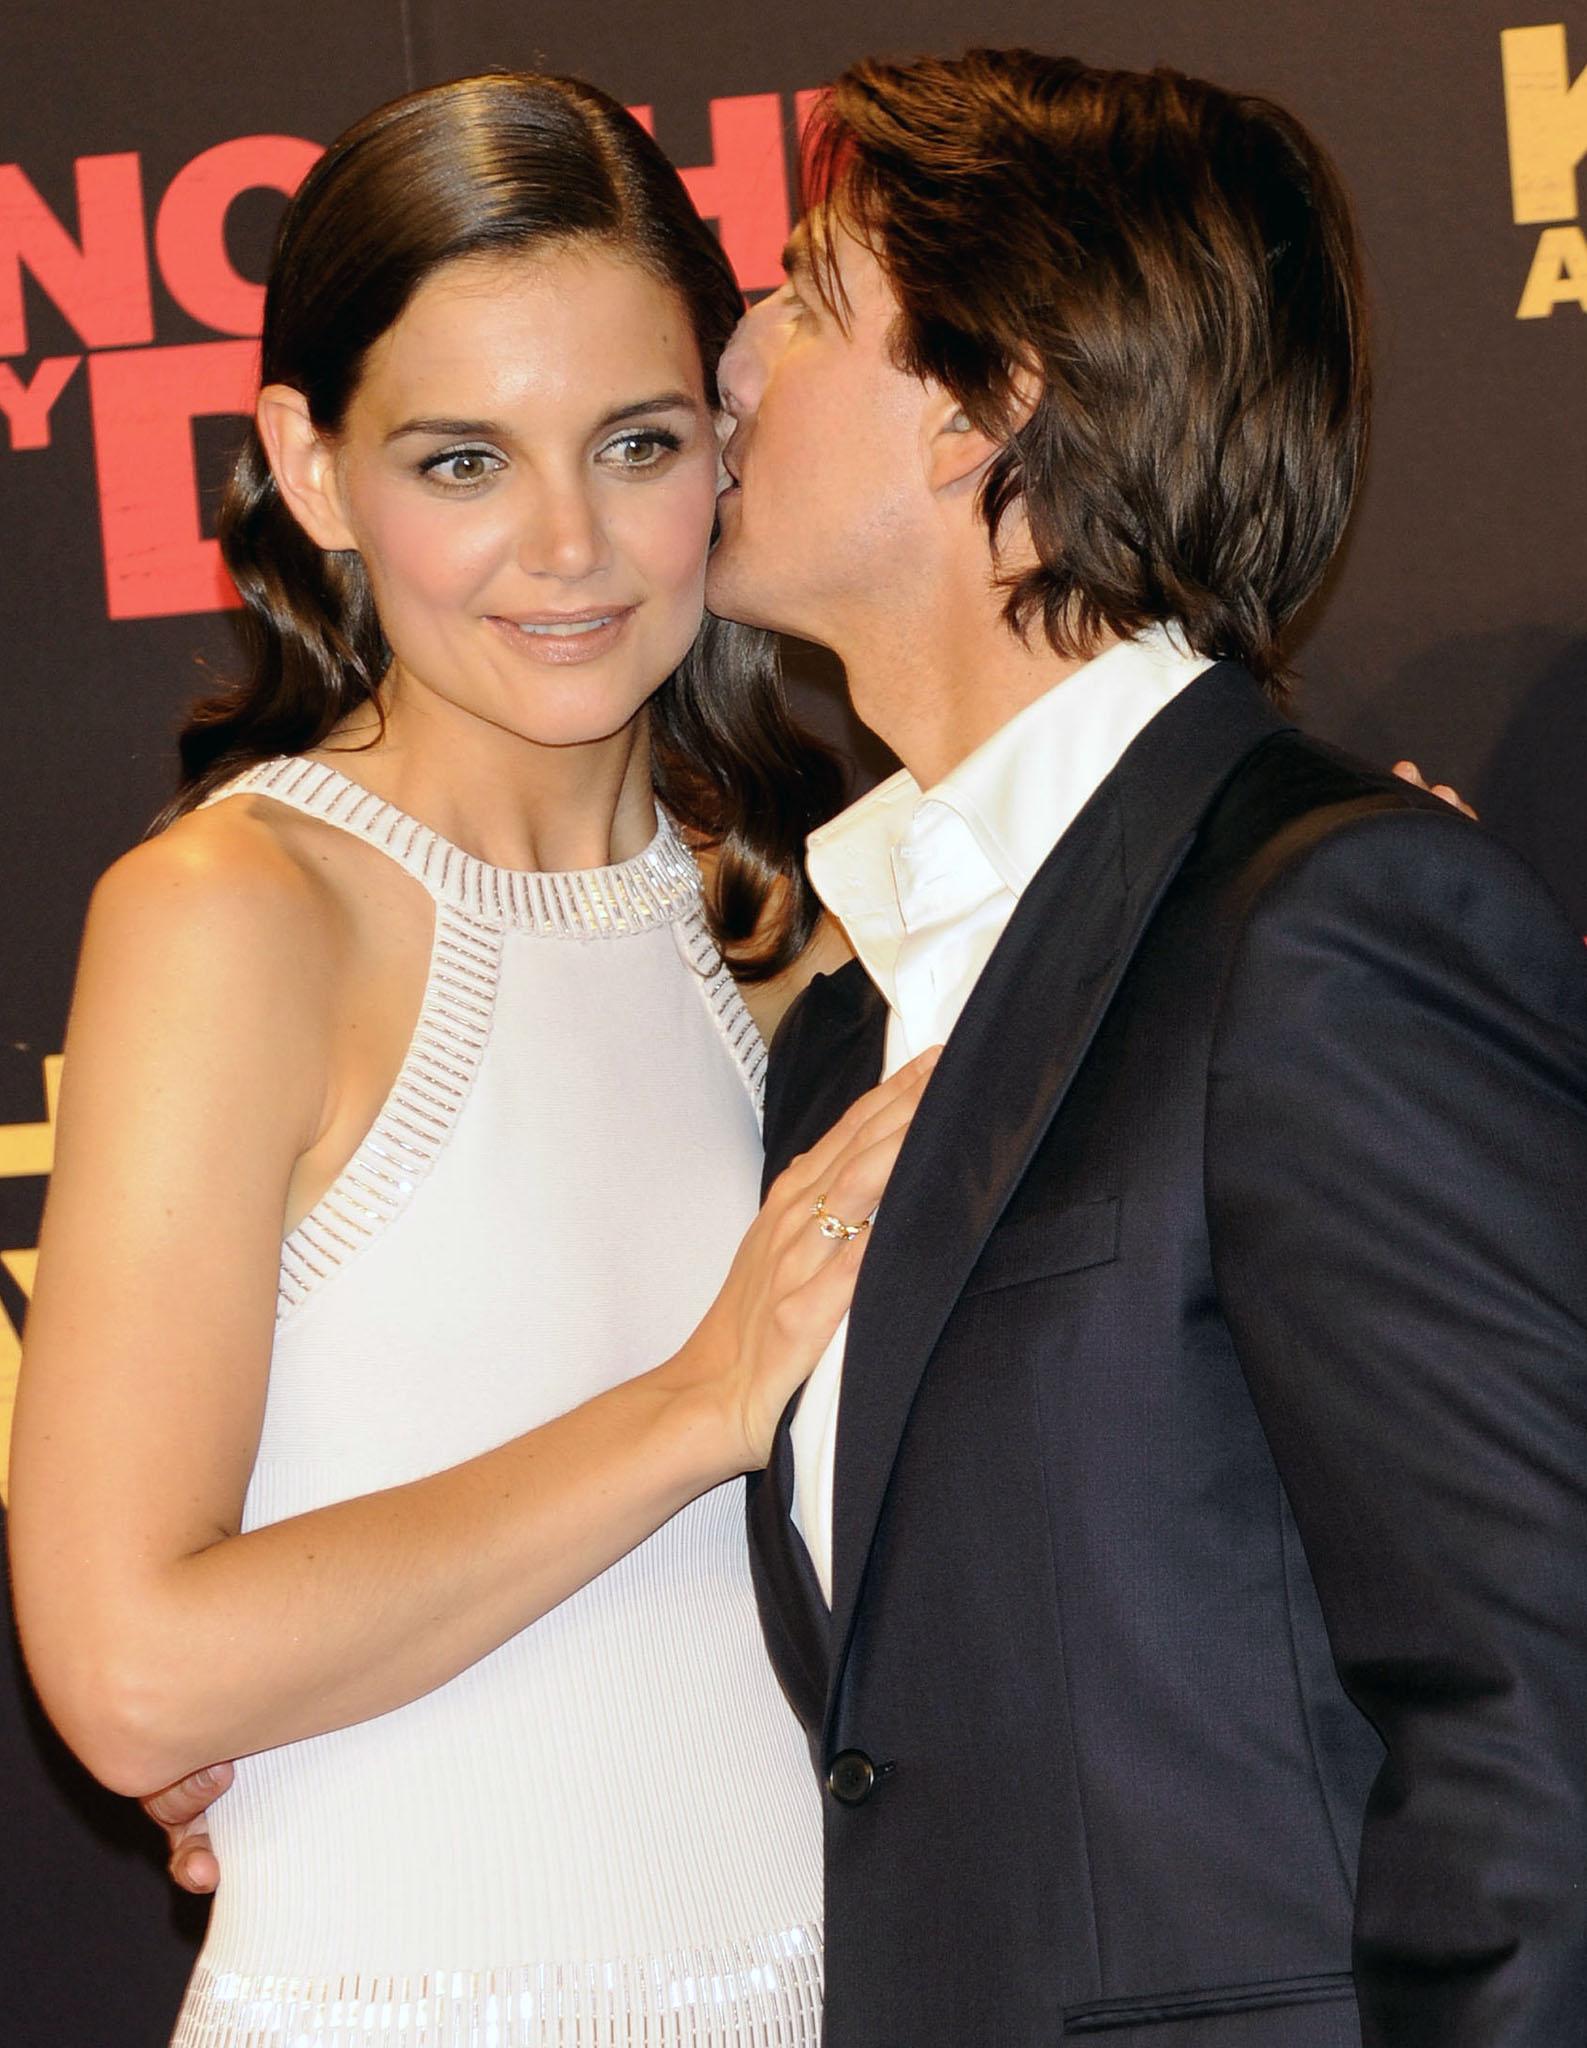 awkward-kisses-tom-cruise2a.jpg